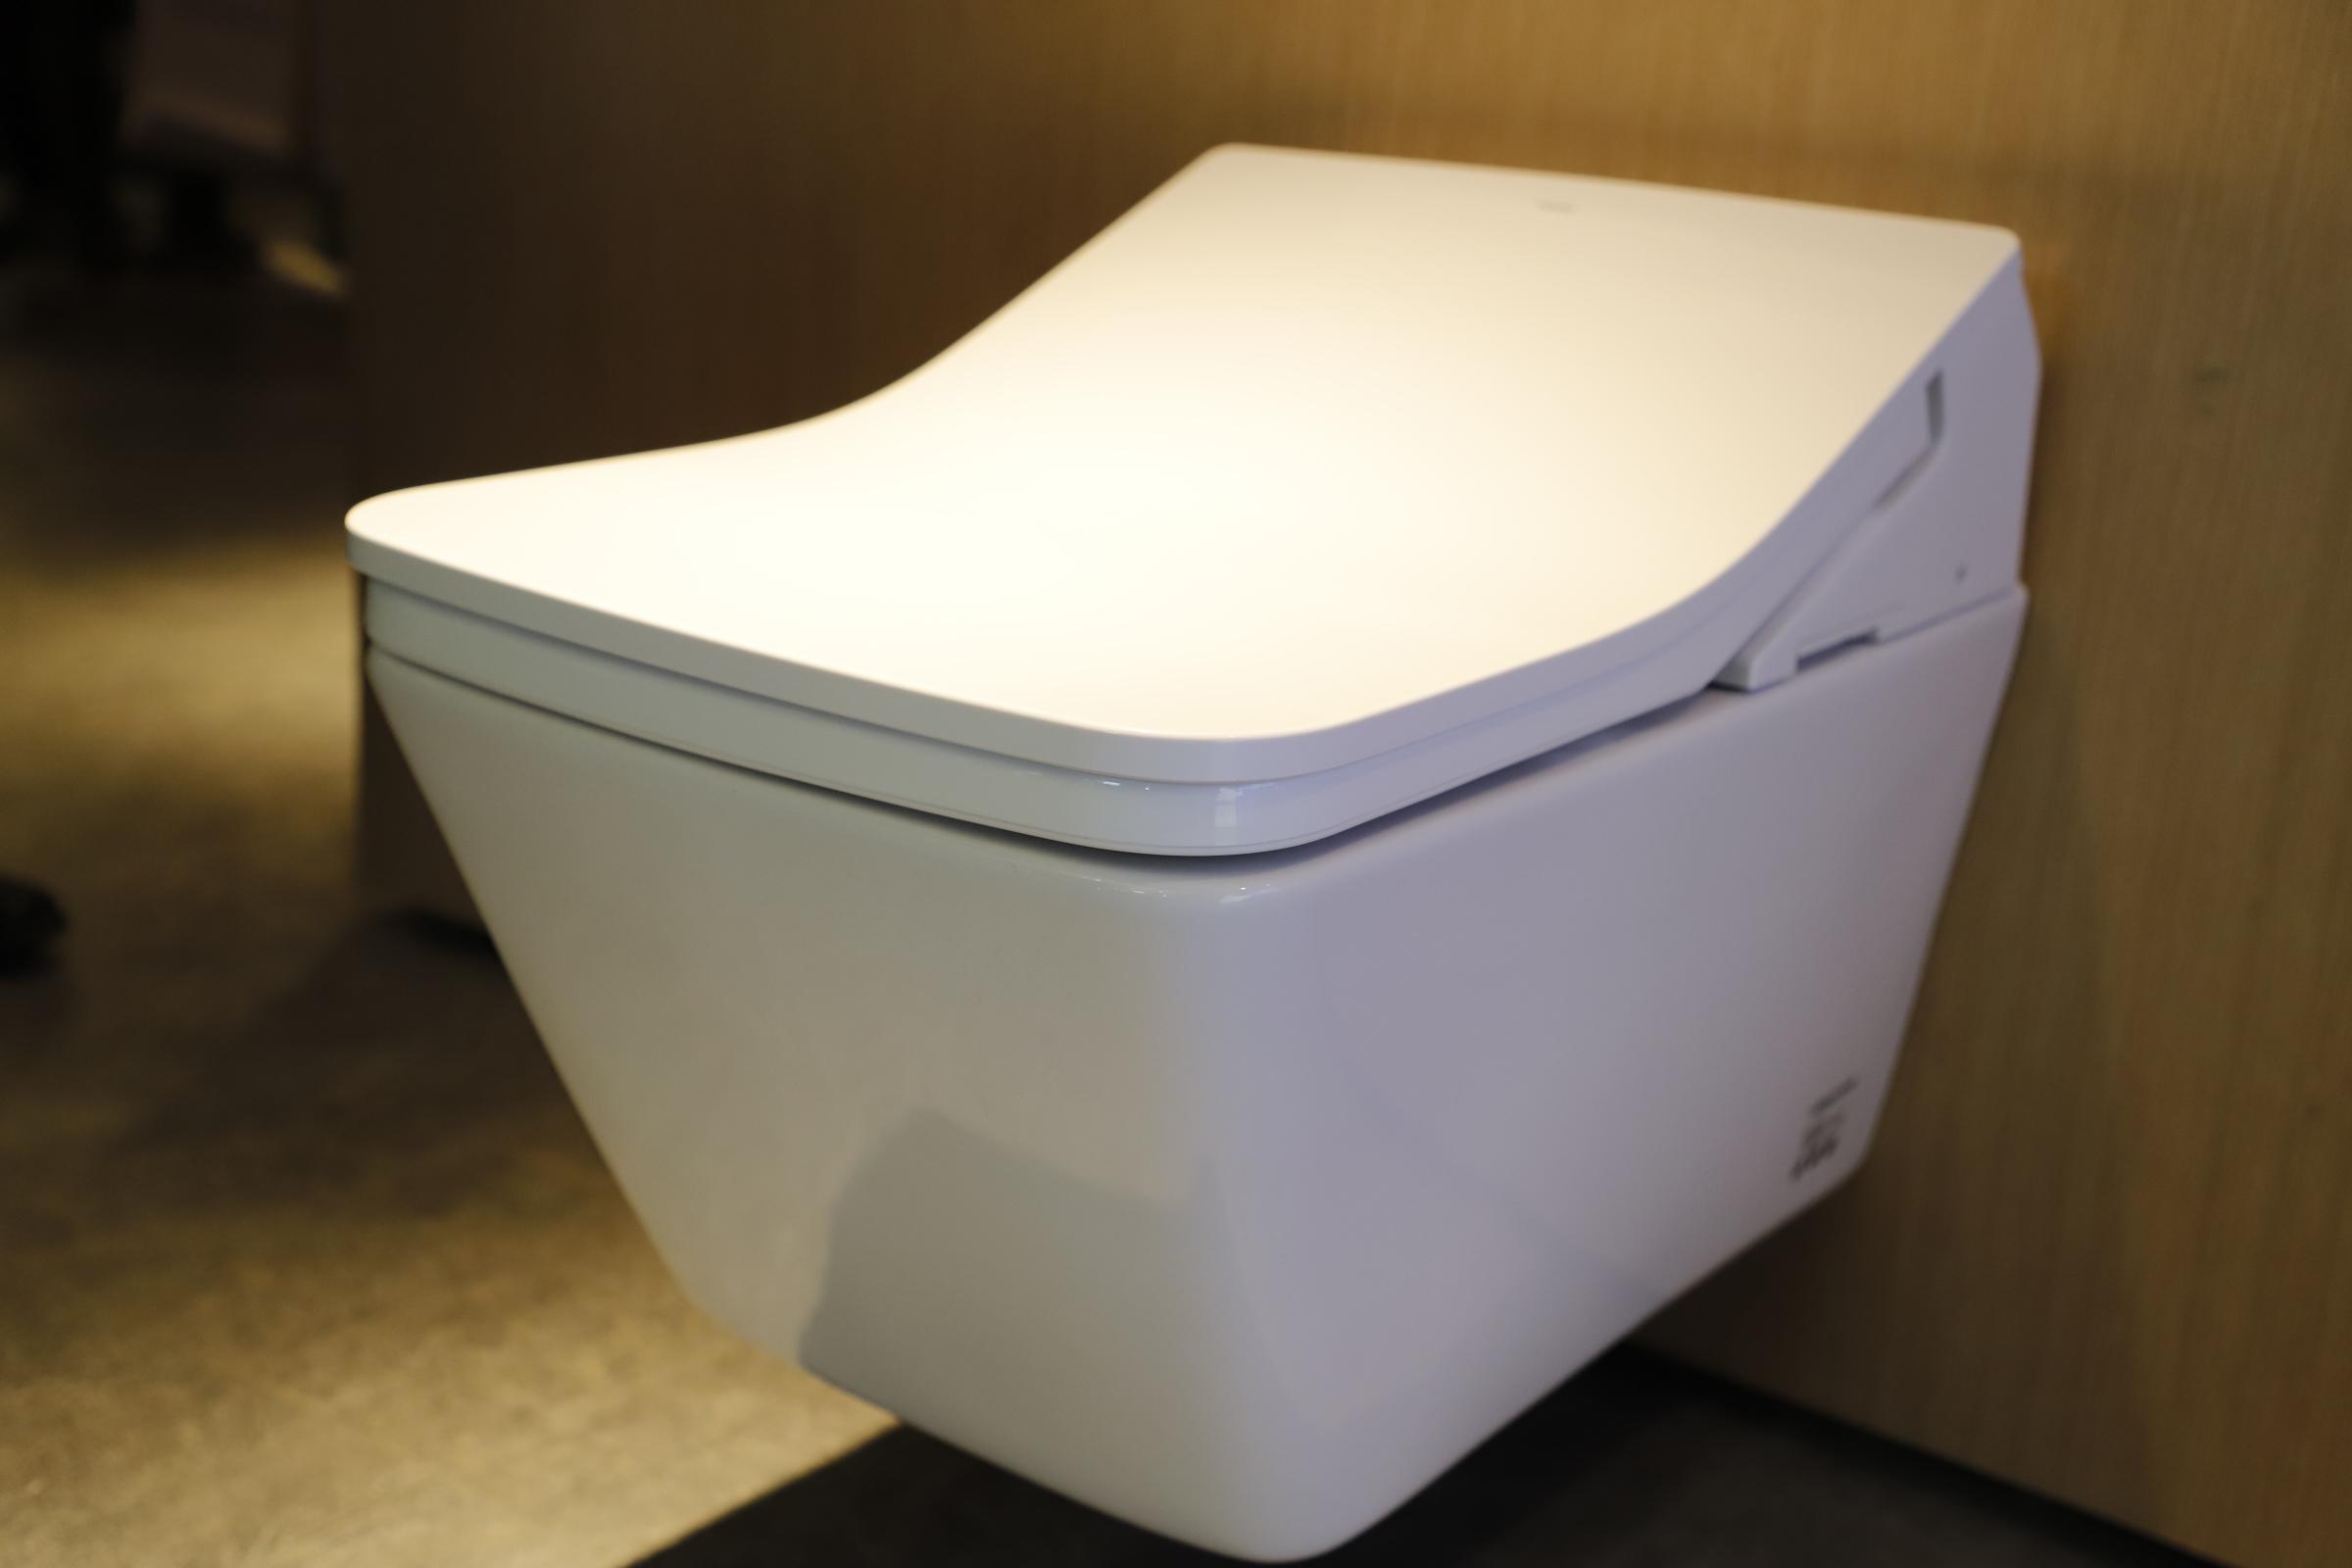 TOTO:智能潔凈系統,污垢浮在陶瓷表面,難以粘附;智凈消毒,去除噴嘴細菌健康無憂;漩渦式強勁沖洗。